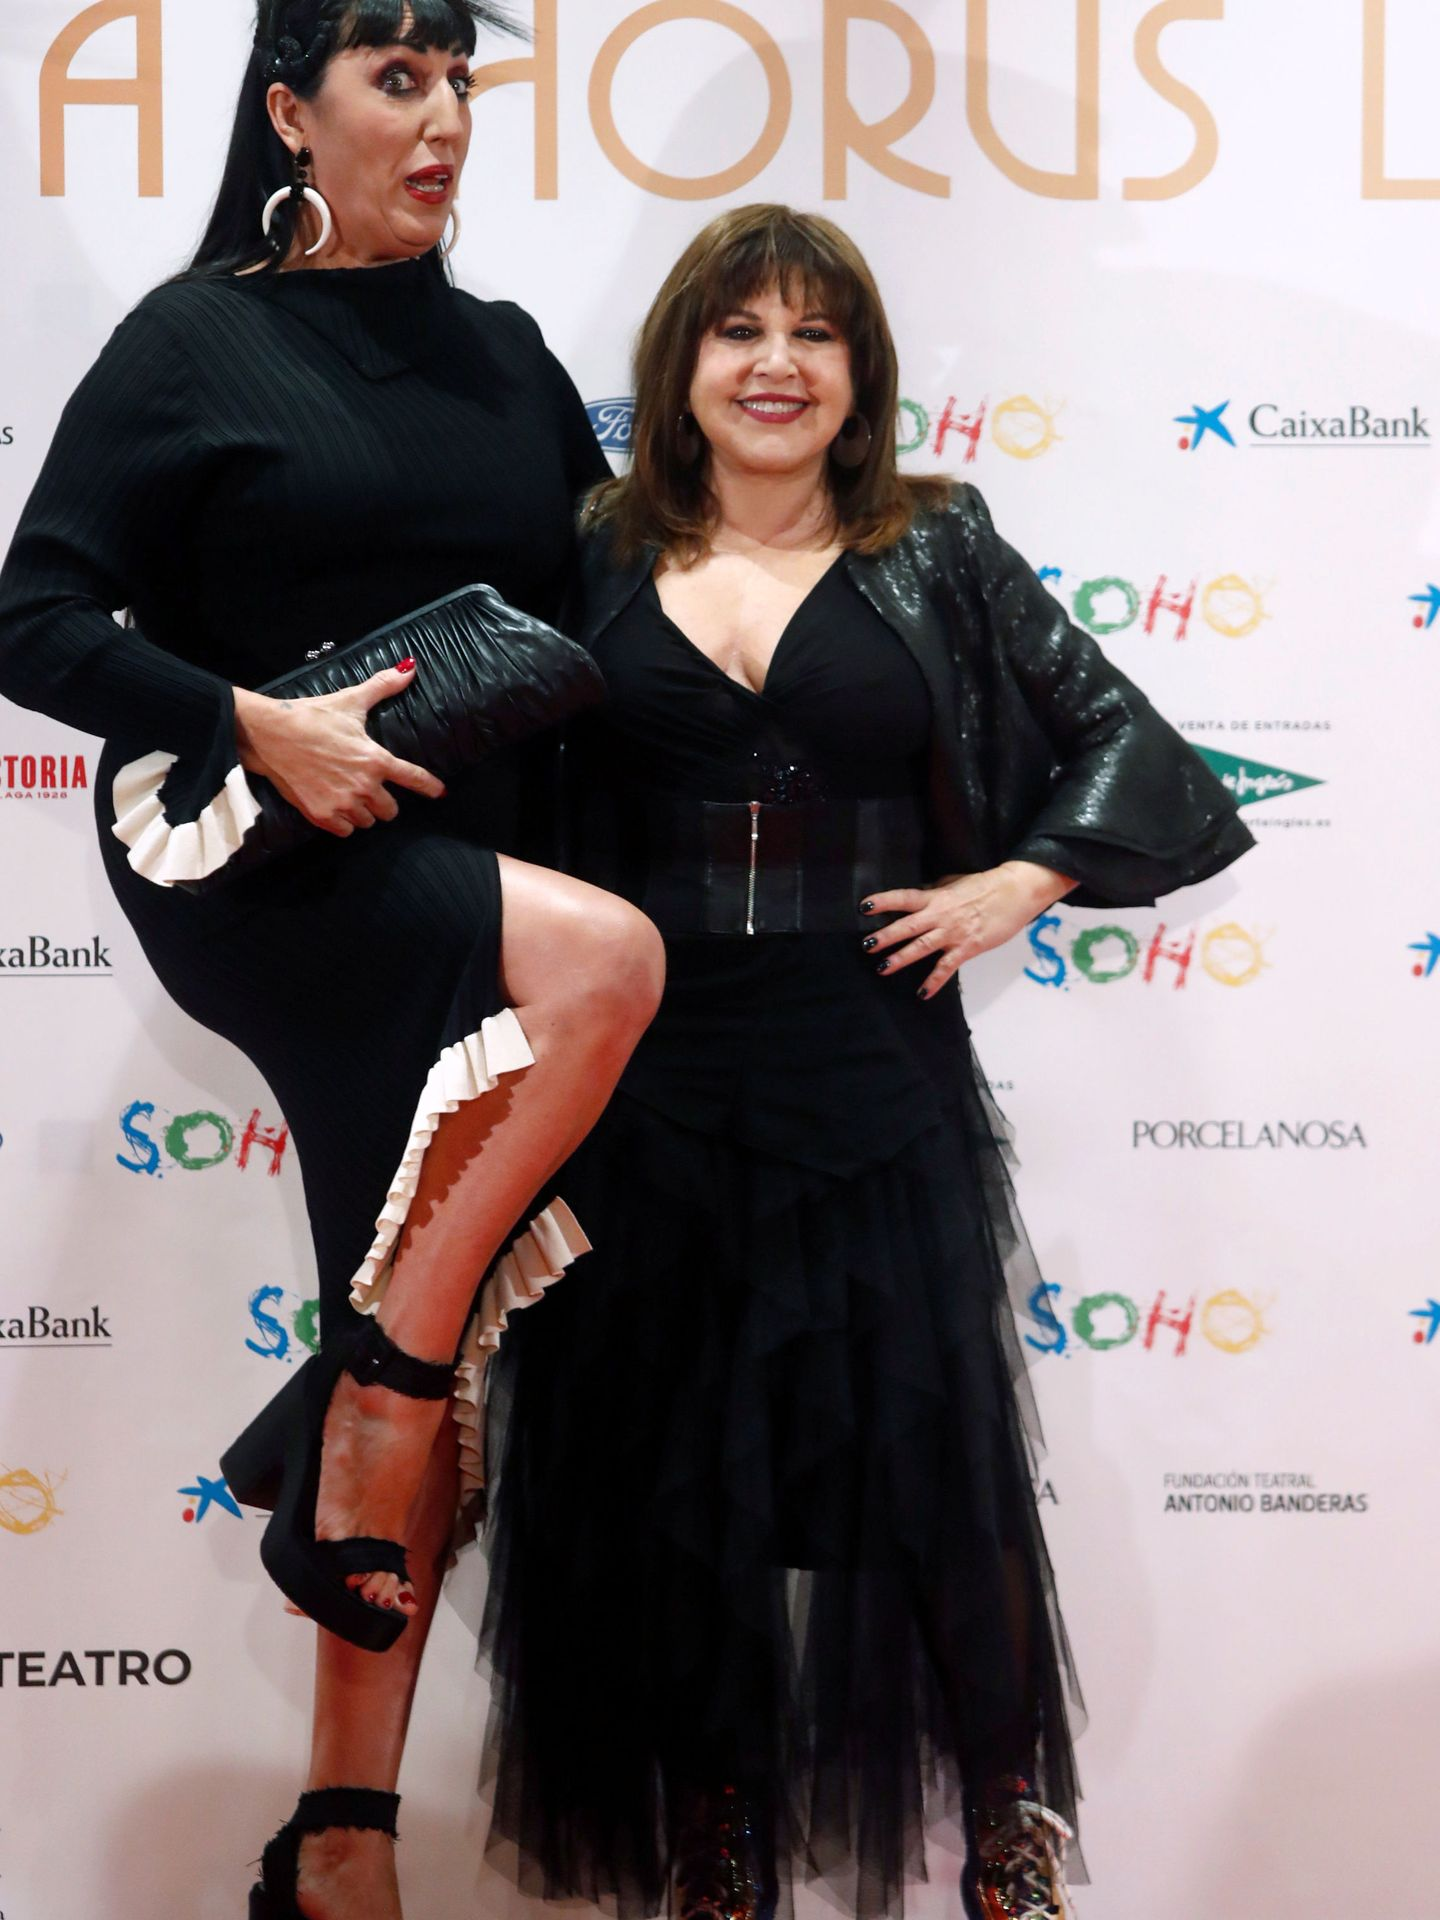 Loles León y Rossy de Palma posando en el photocall. (Reuters)